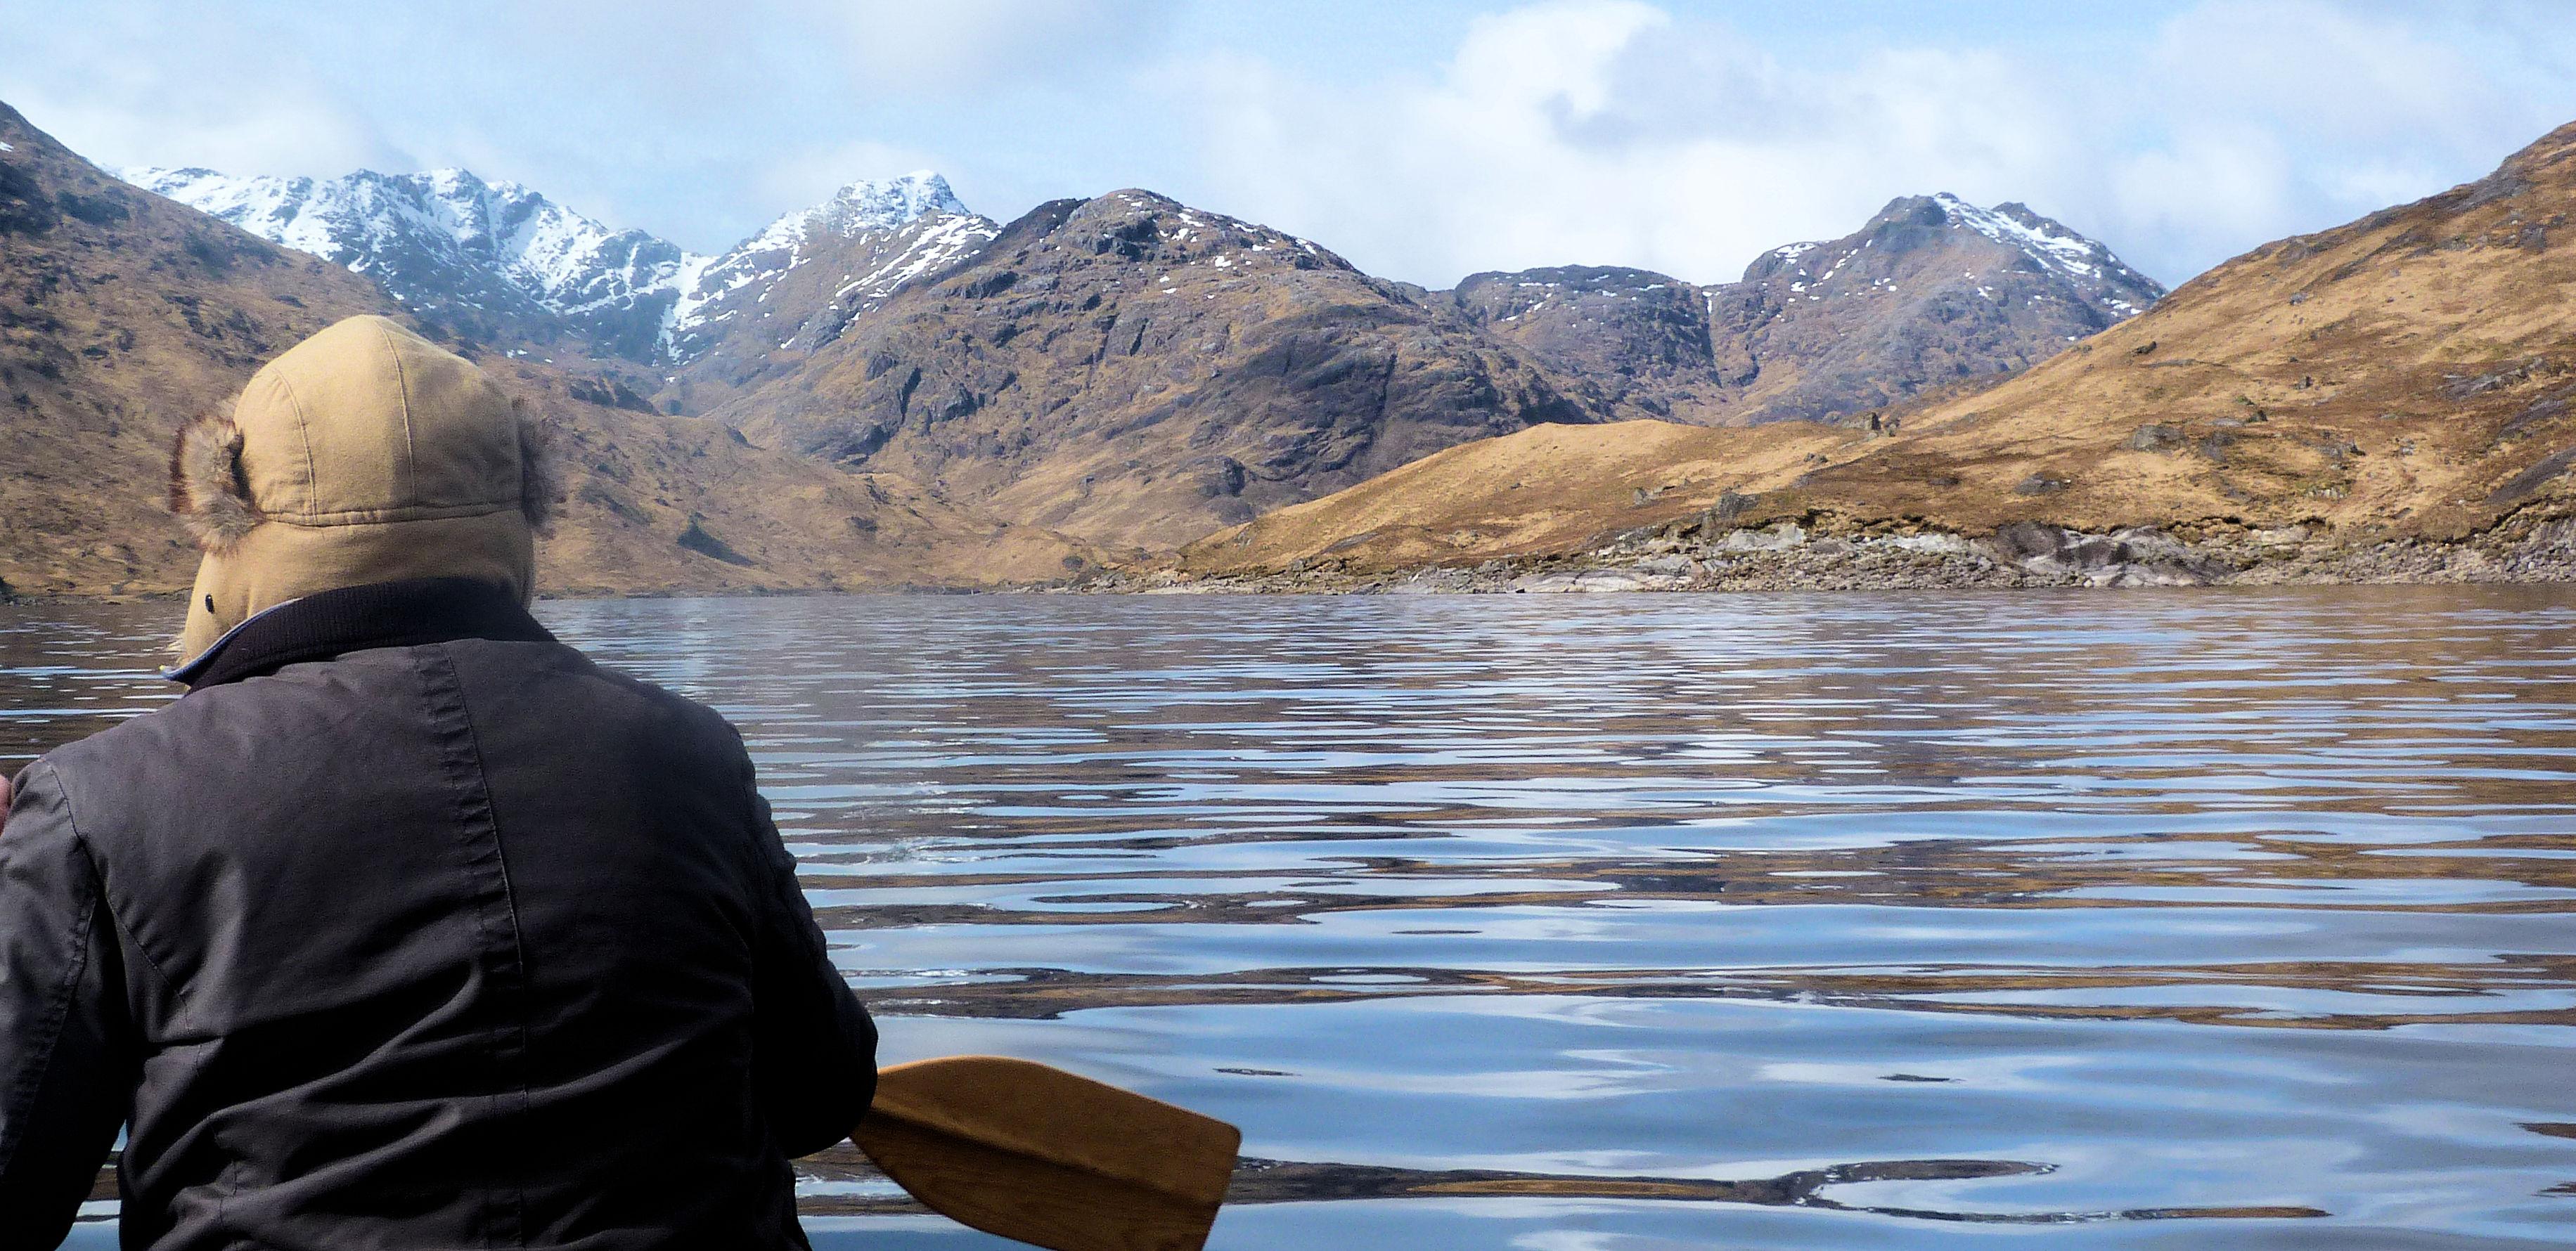 Approaching Ben Aden along Loch Qoich